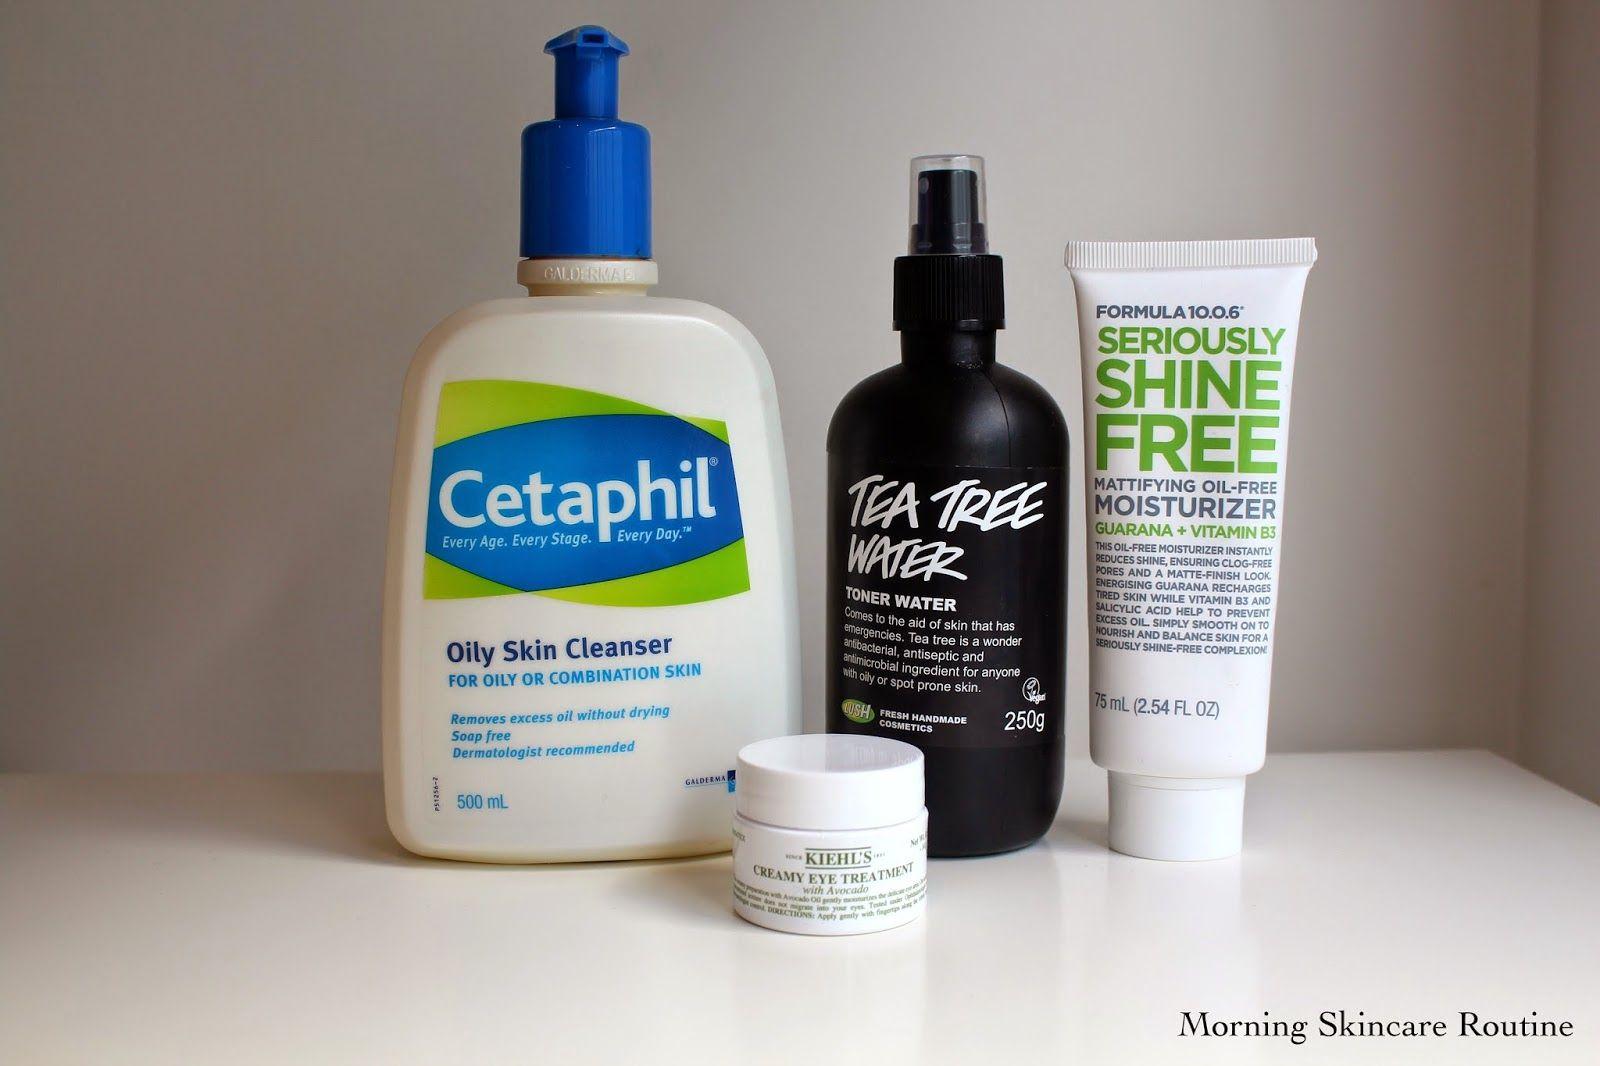 Morning Night Time Skincare Routine 2015 Morning Skin Care Routine Skin Cleanser Products Skin Care Routine